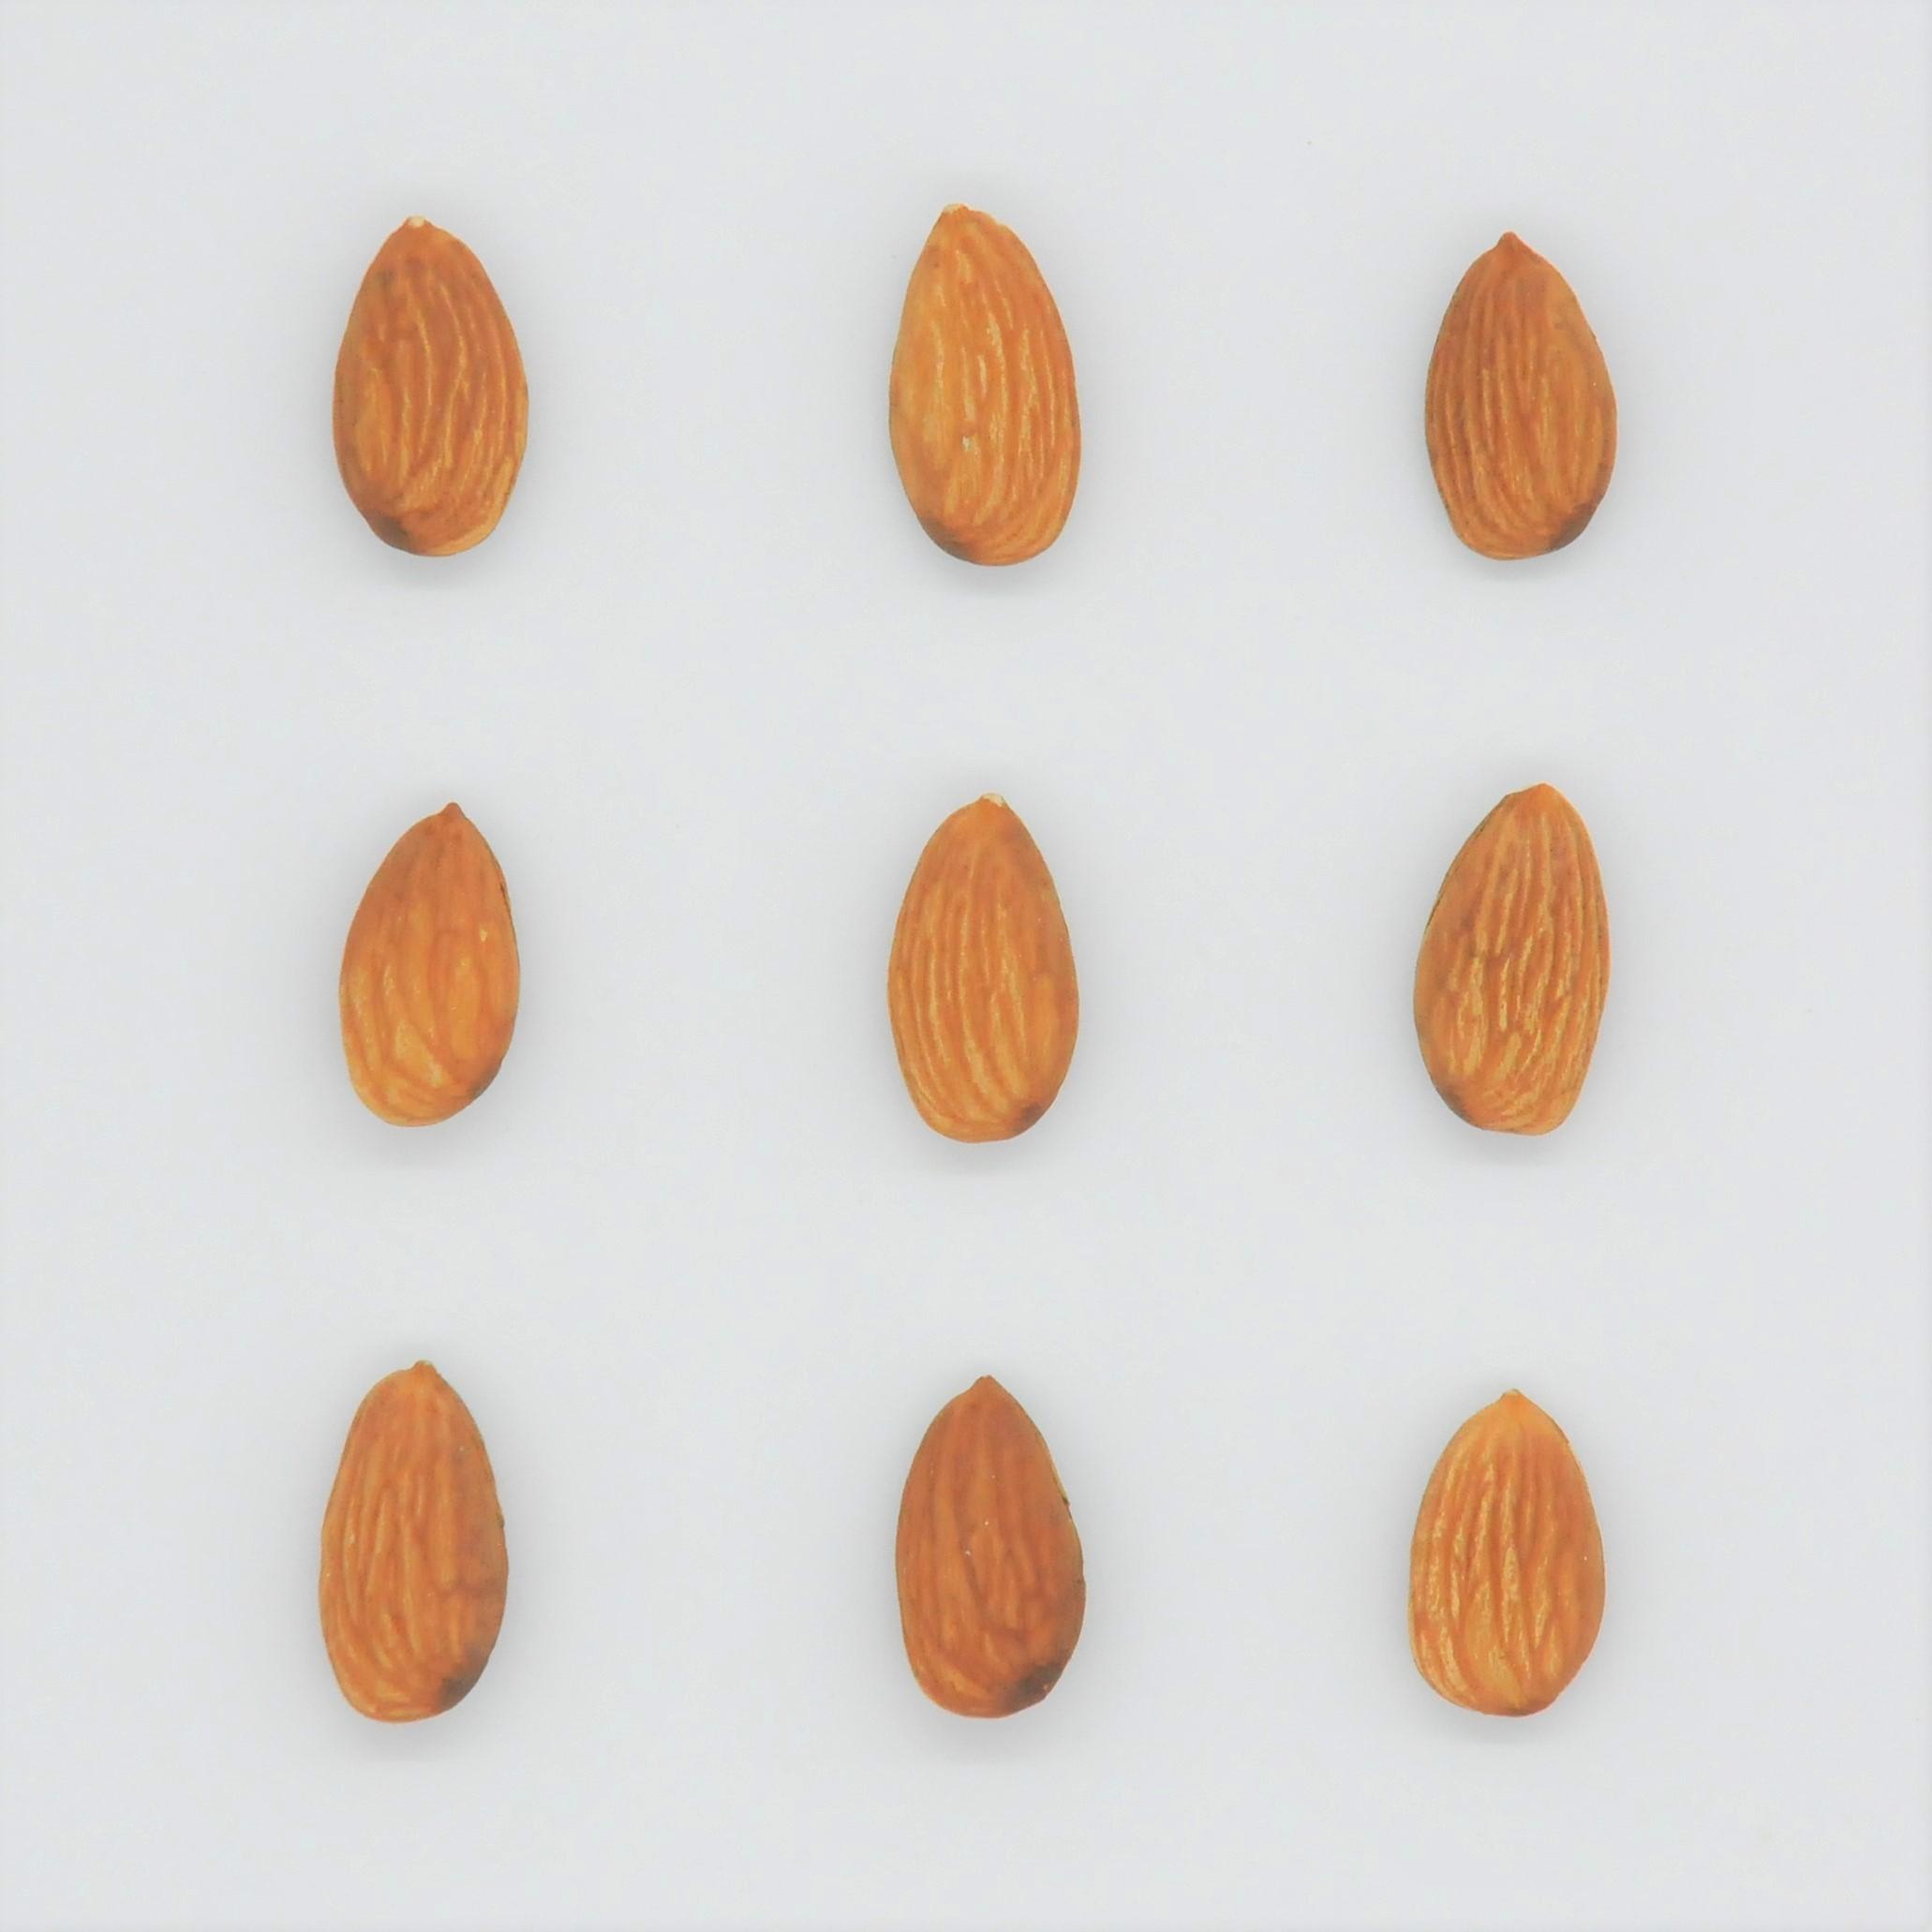 低溫烘焙薄鹽杏仁果-3